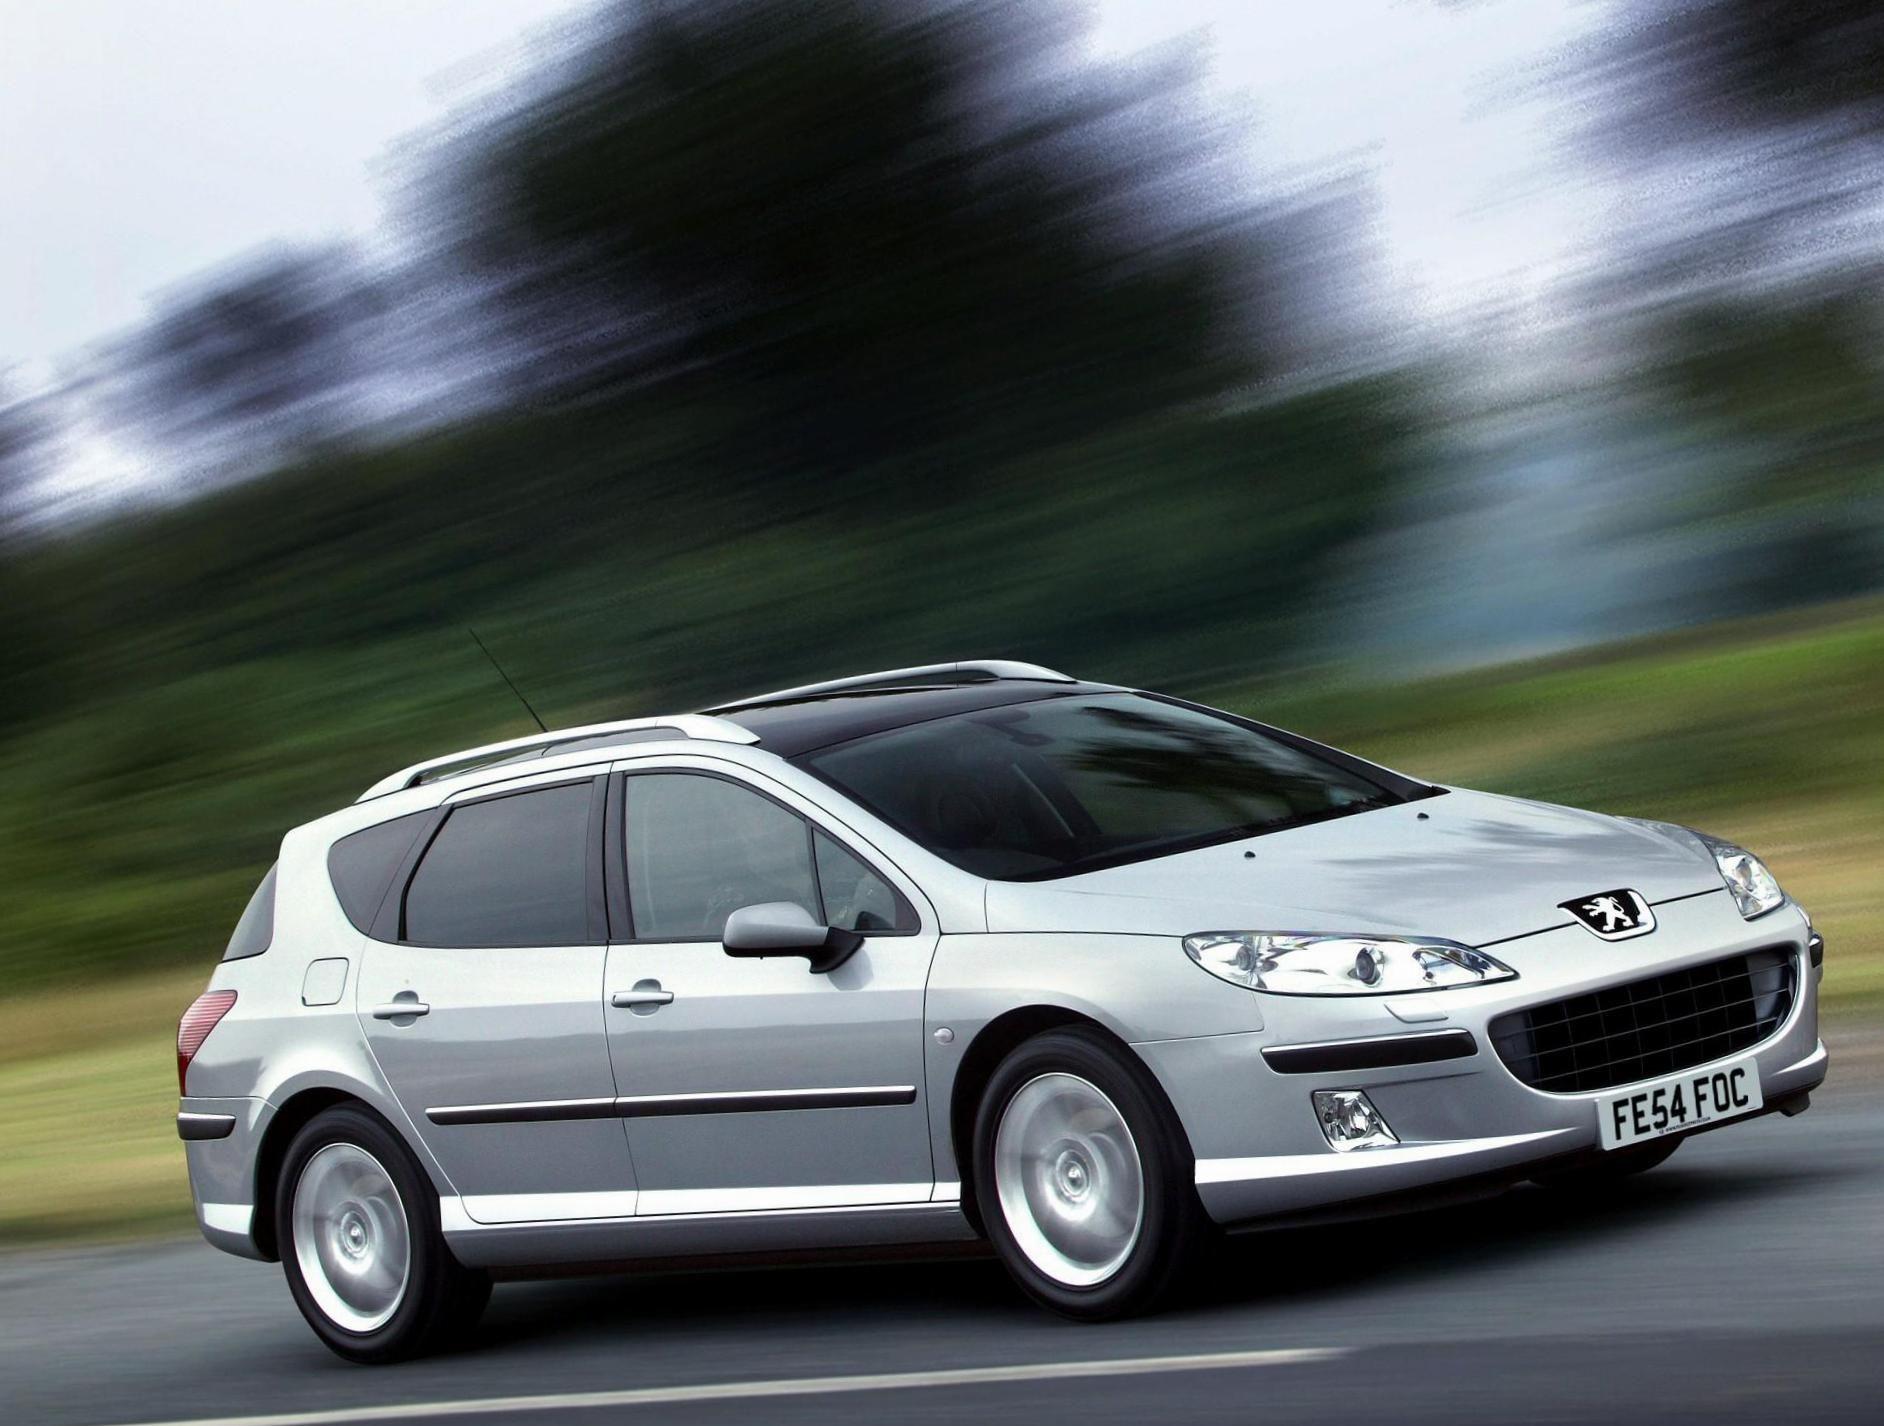 407 Sw Peugeot Tuning Http Autotras Com Peugeot Car Model Suv Car